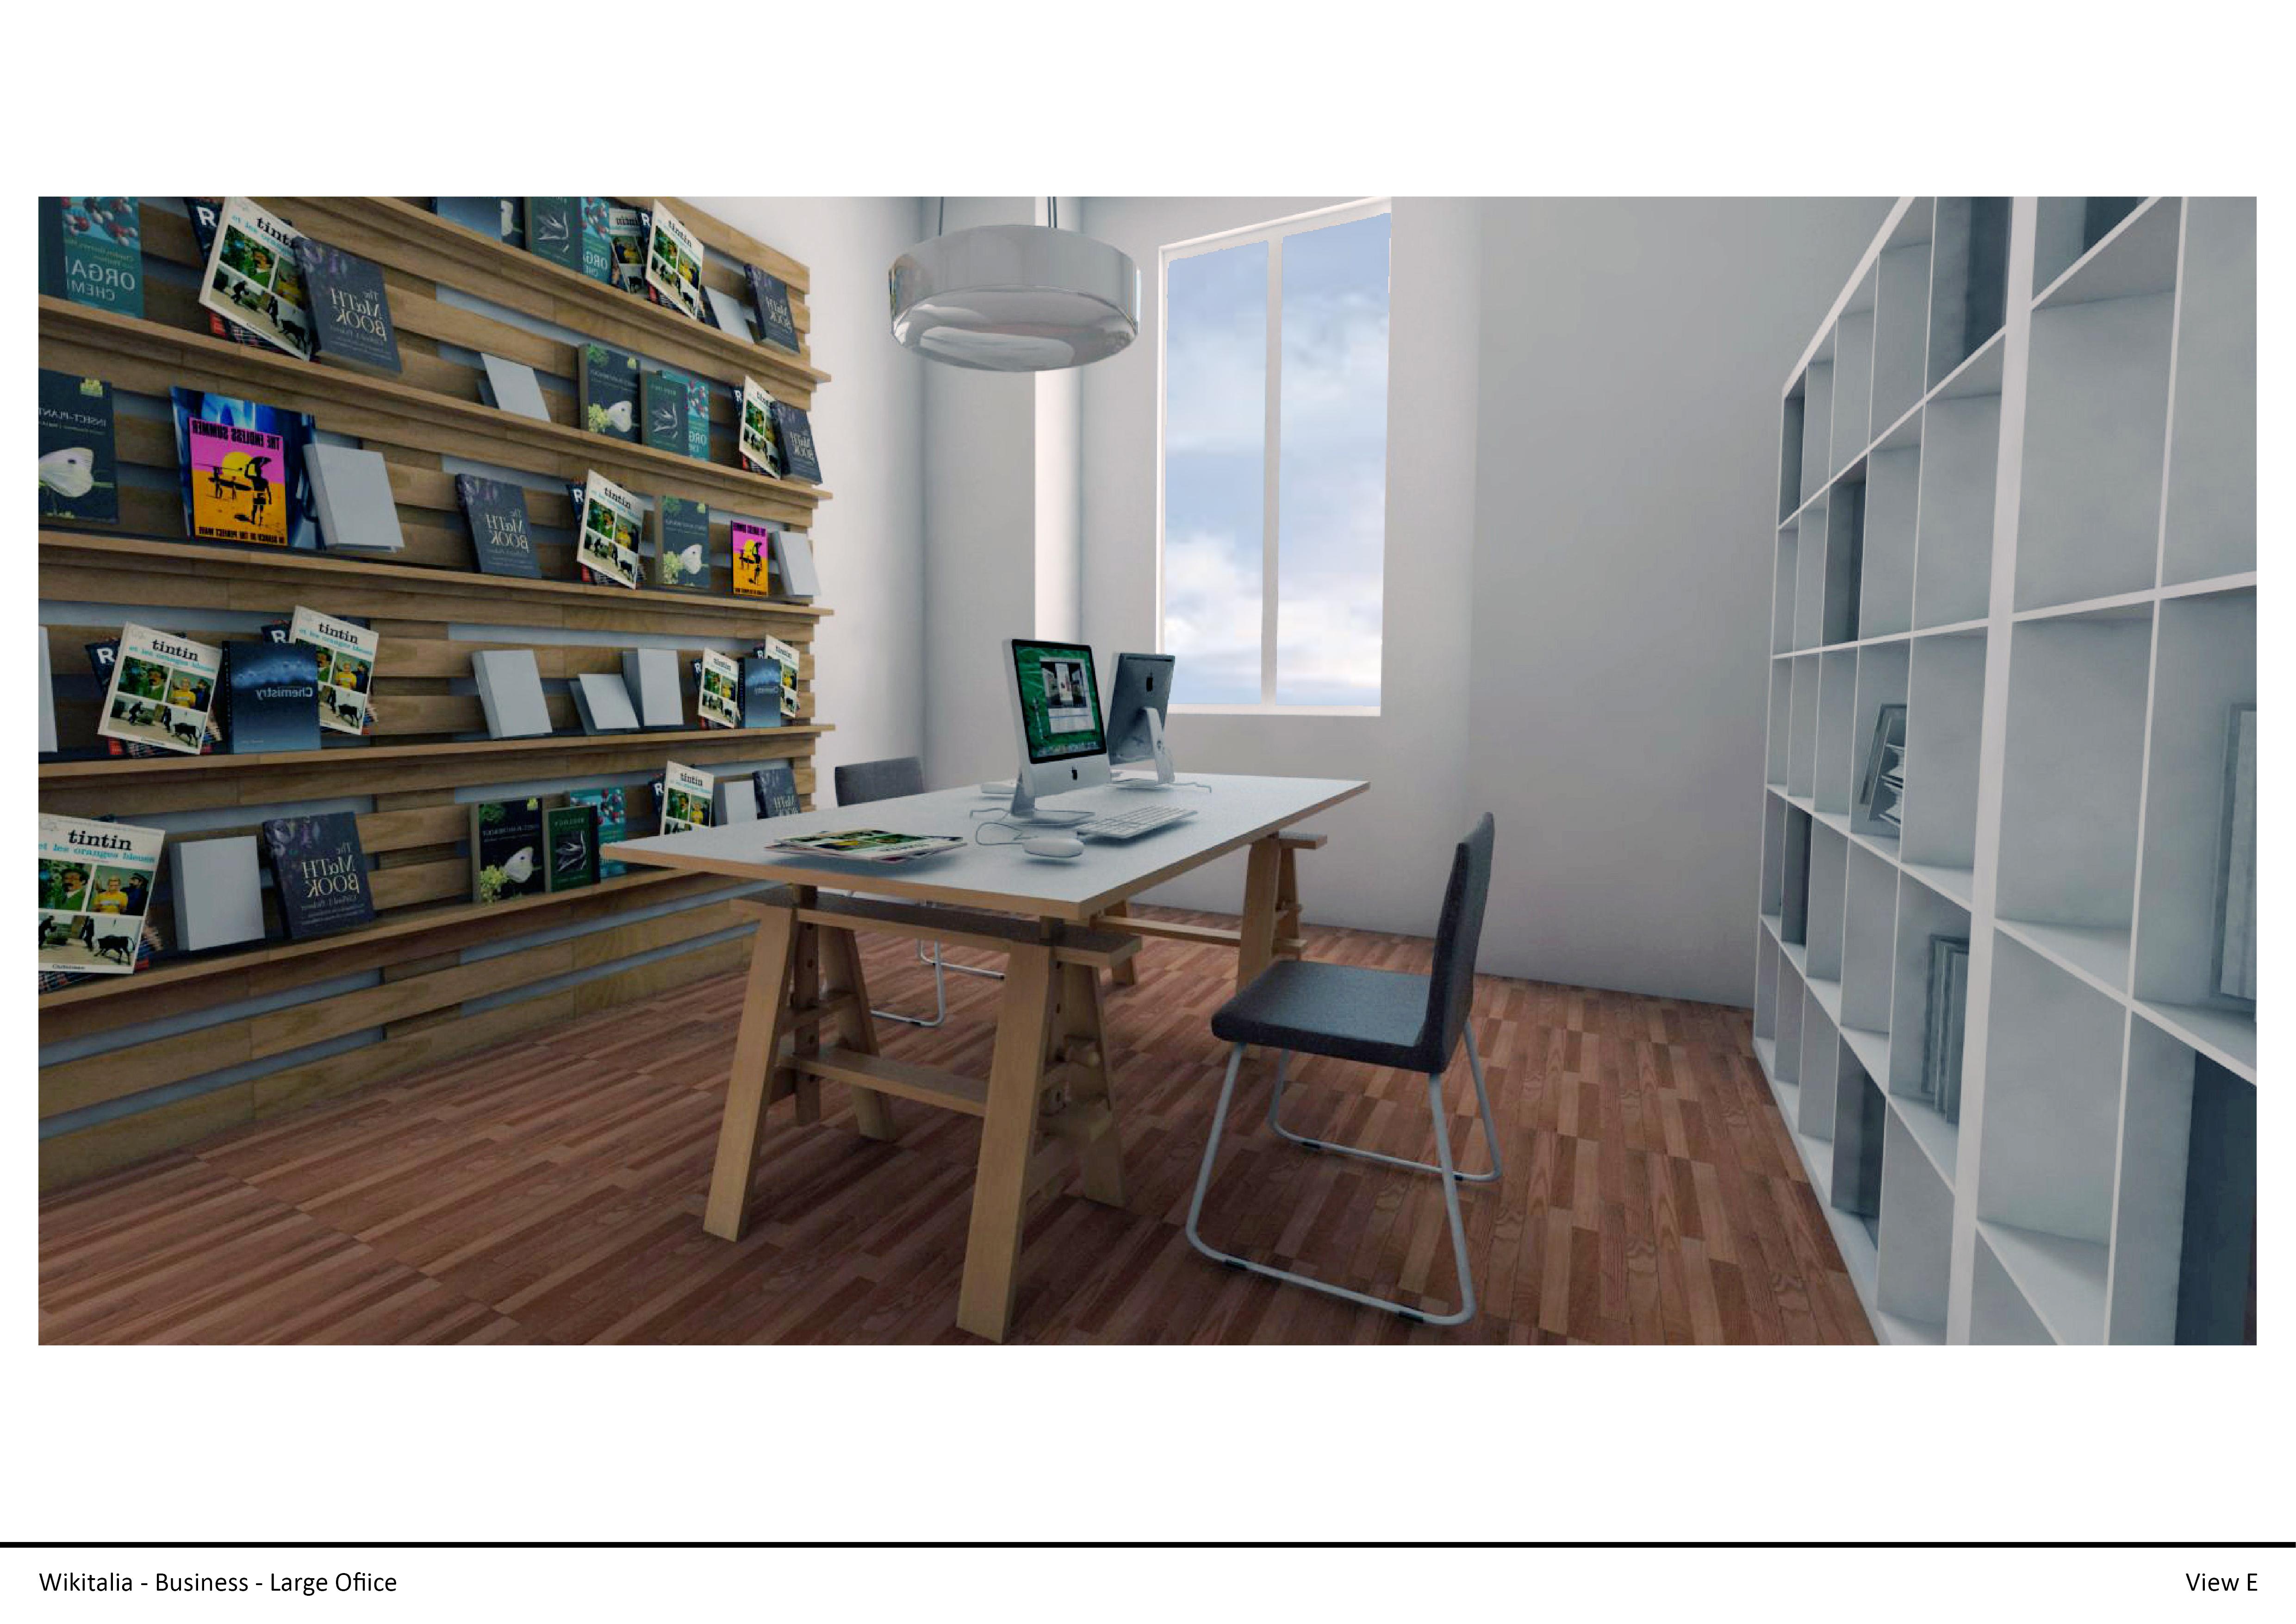 Idee Per Rinnovare L Ufficio : 20 modi per cambiare volto ad un ufficio e trasformarlo in uno